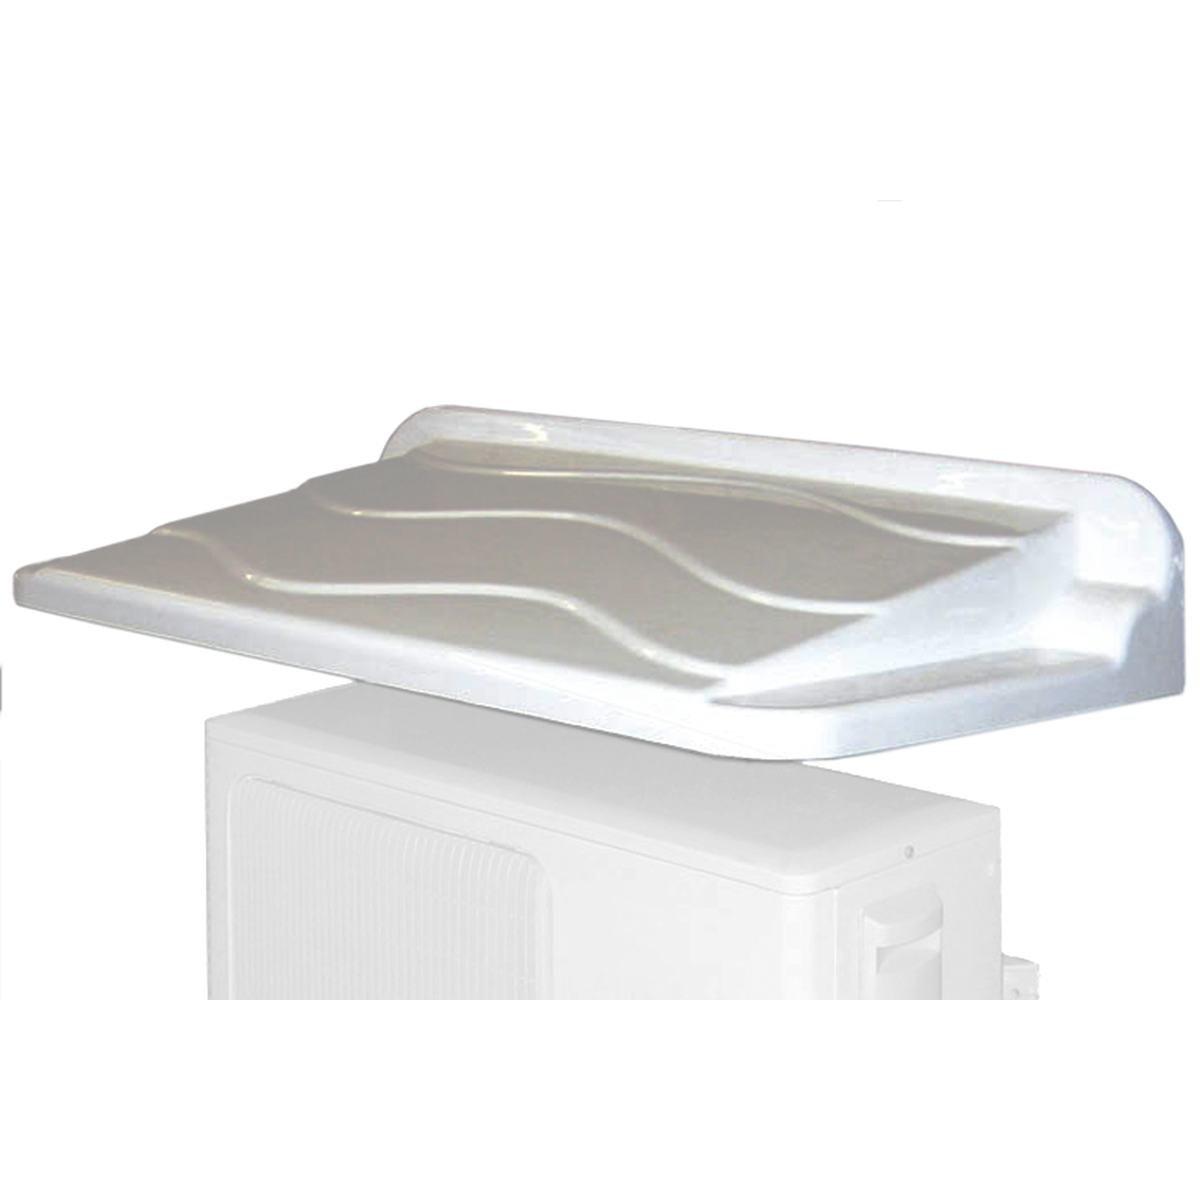 Skydd i plast till värmepump utedel - Vecamco